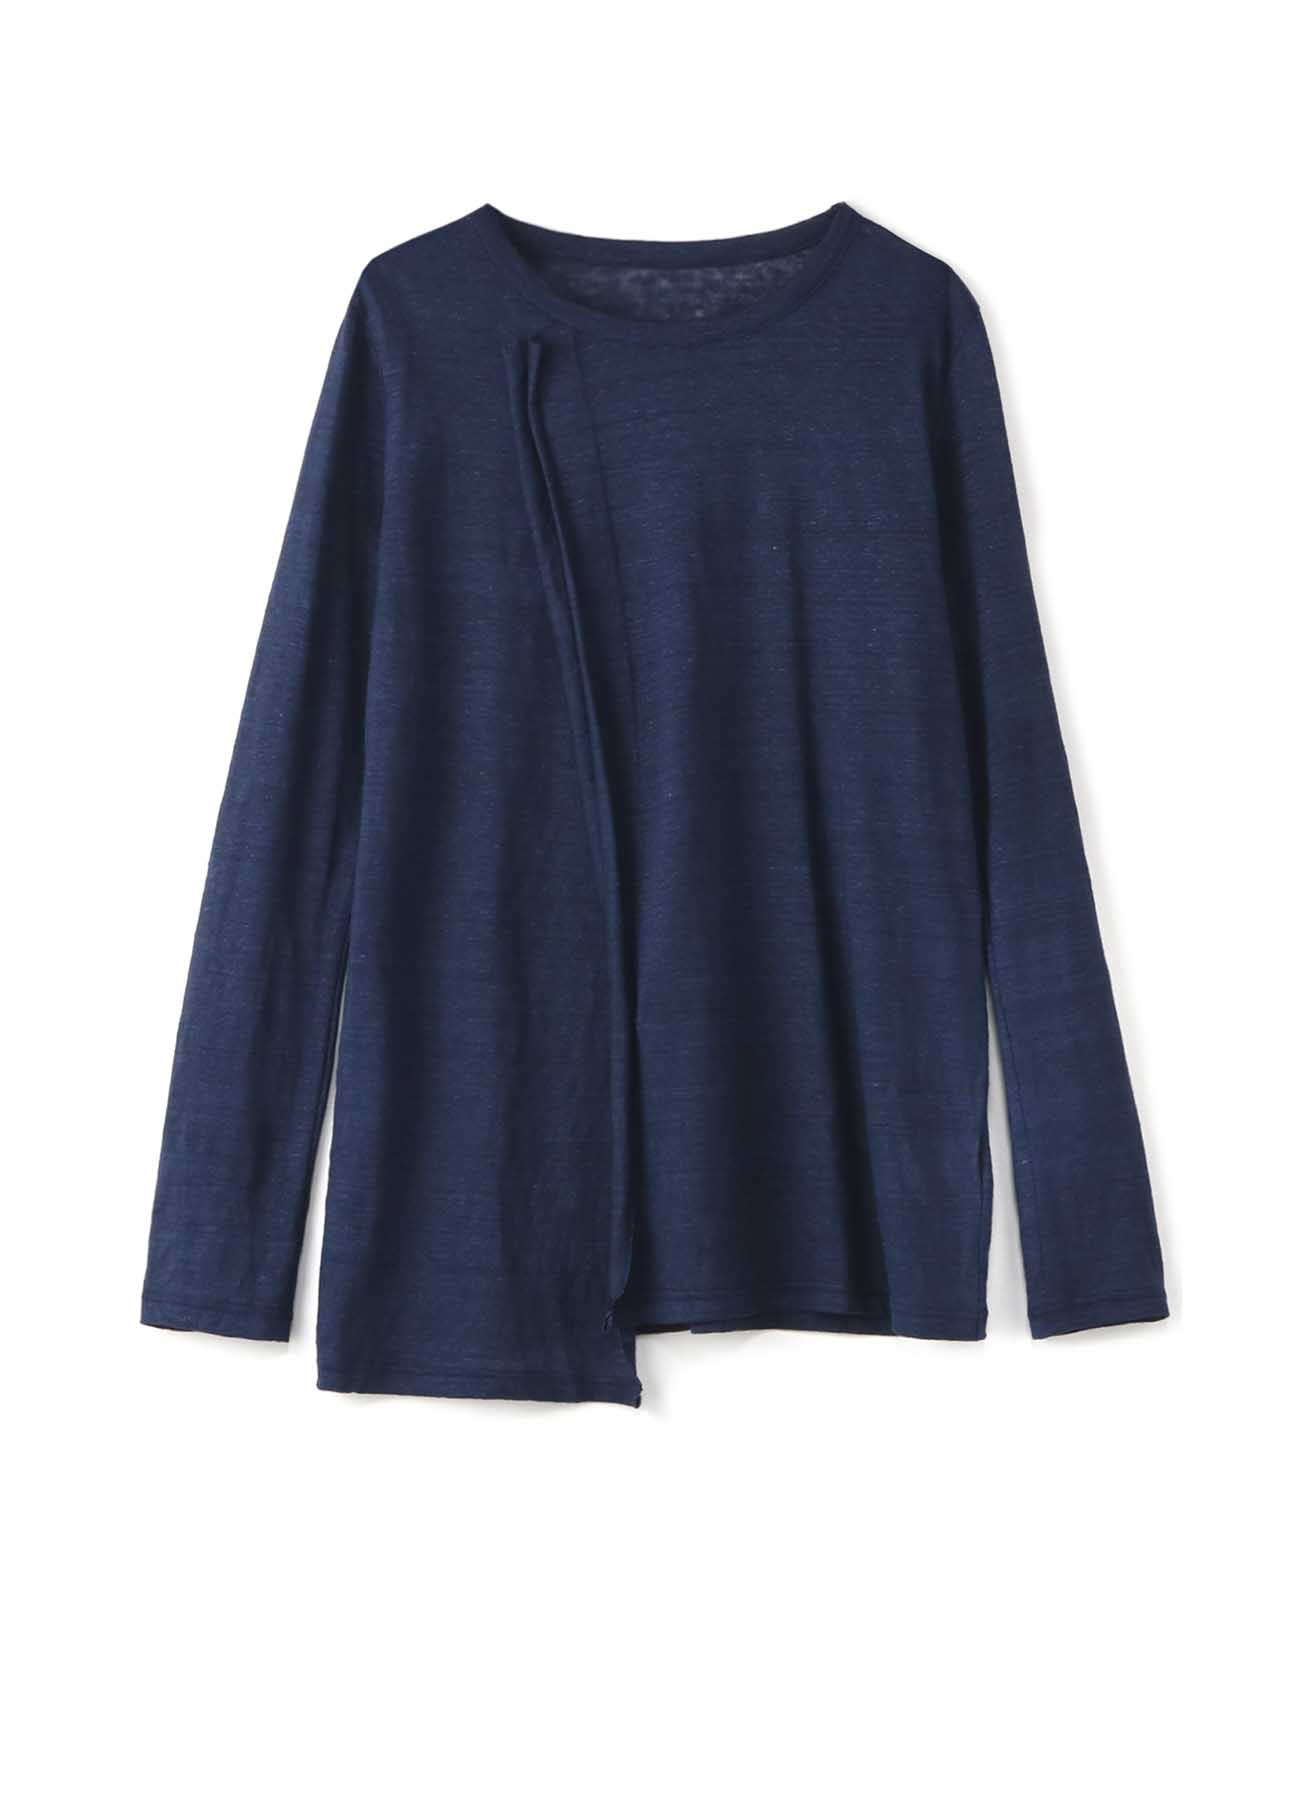 靛蓝色亚麻布立奇里长T恤